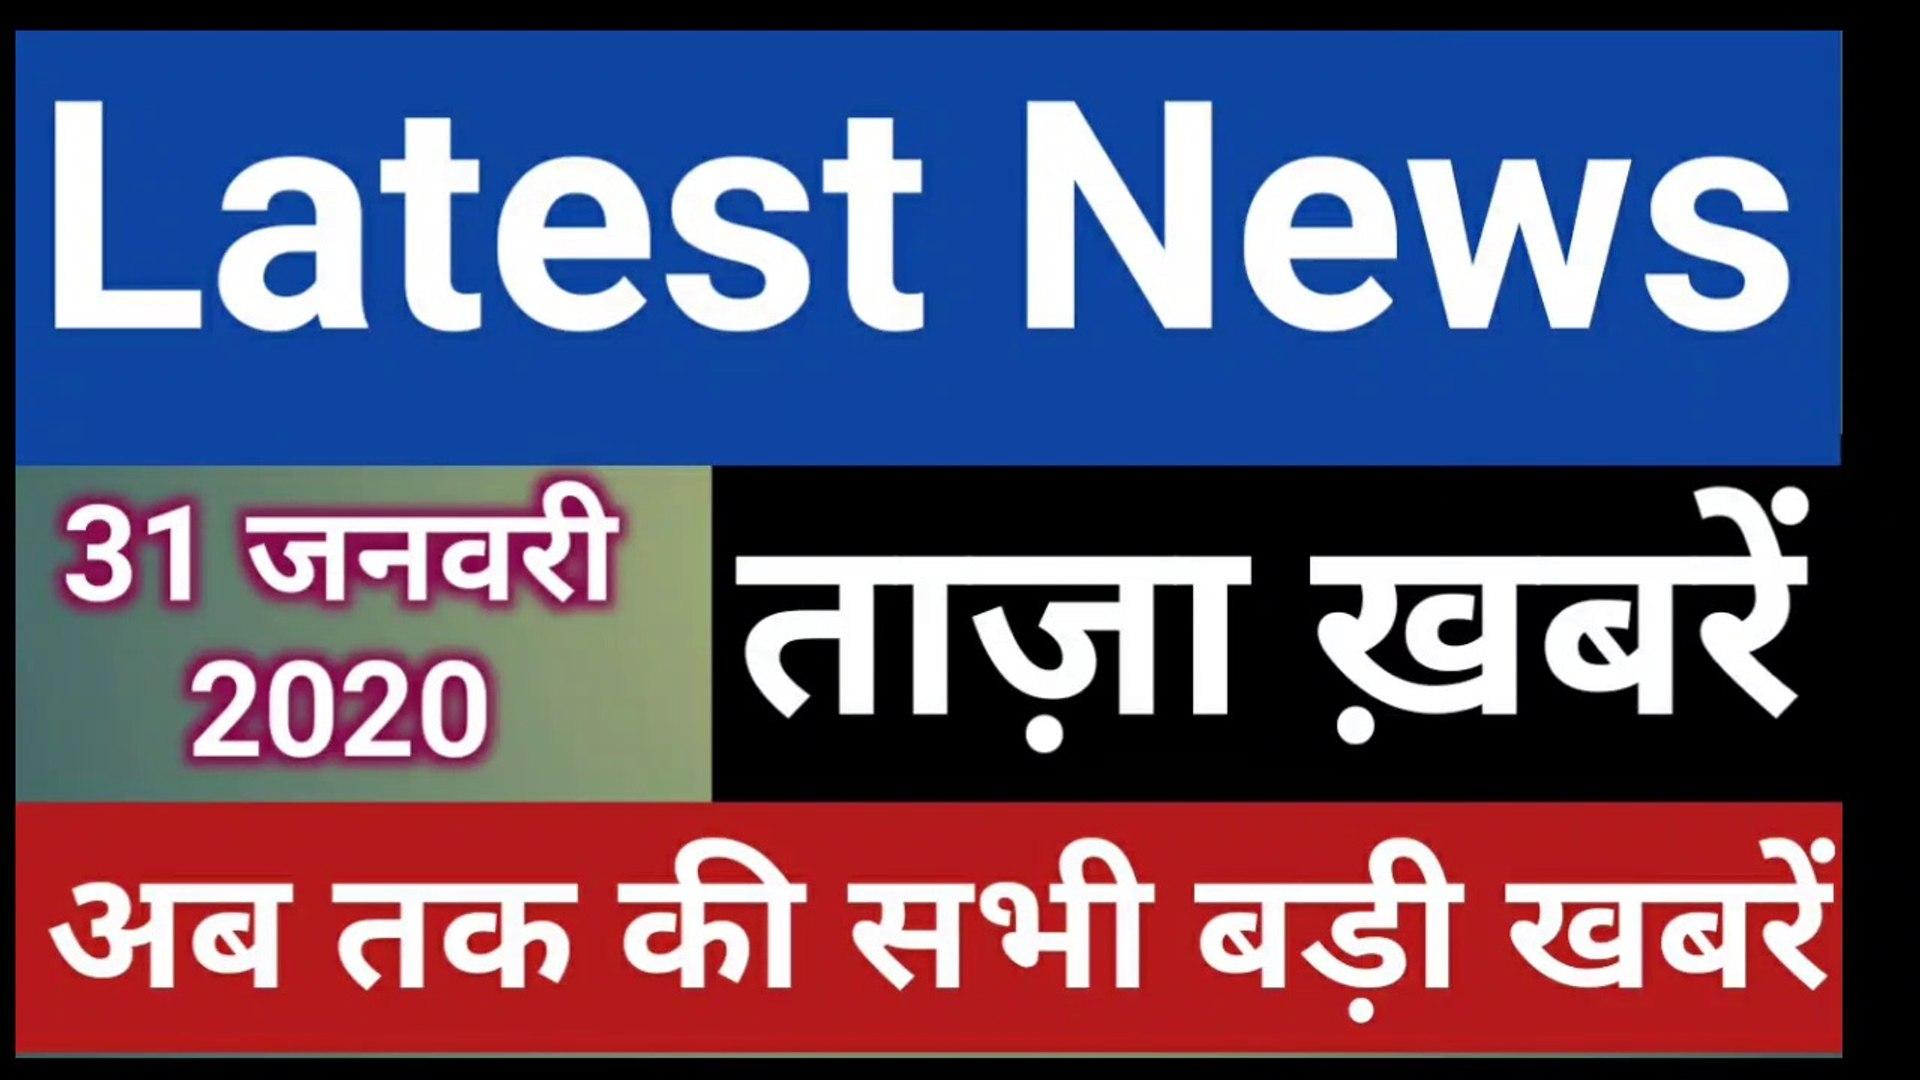 31 January 2020 : Morning News   Latest News Today    Today News   Hindi News   India News